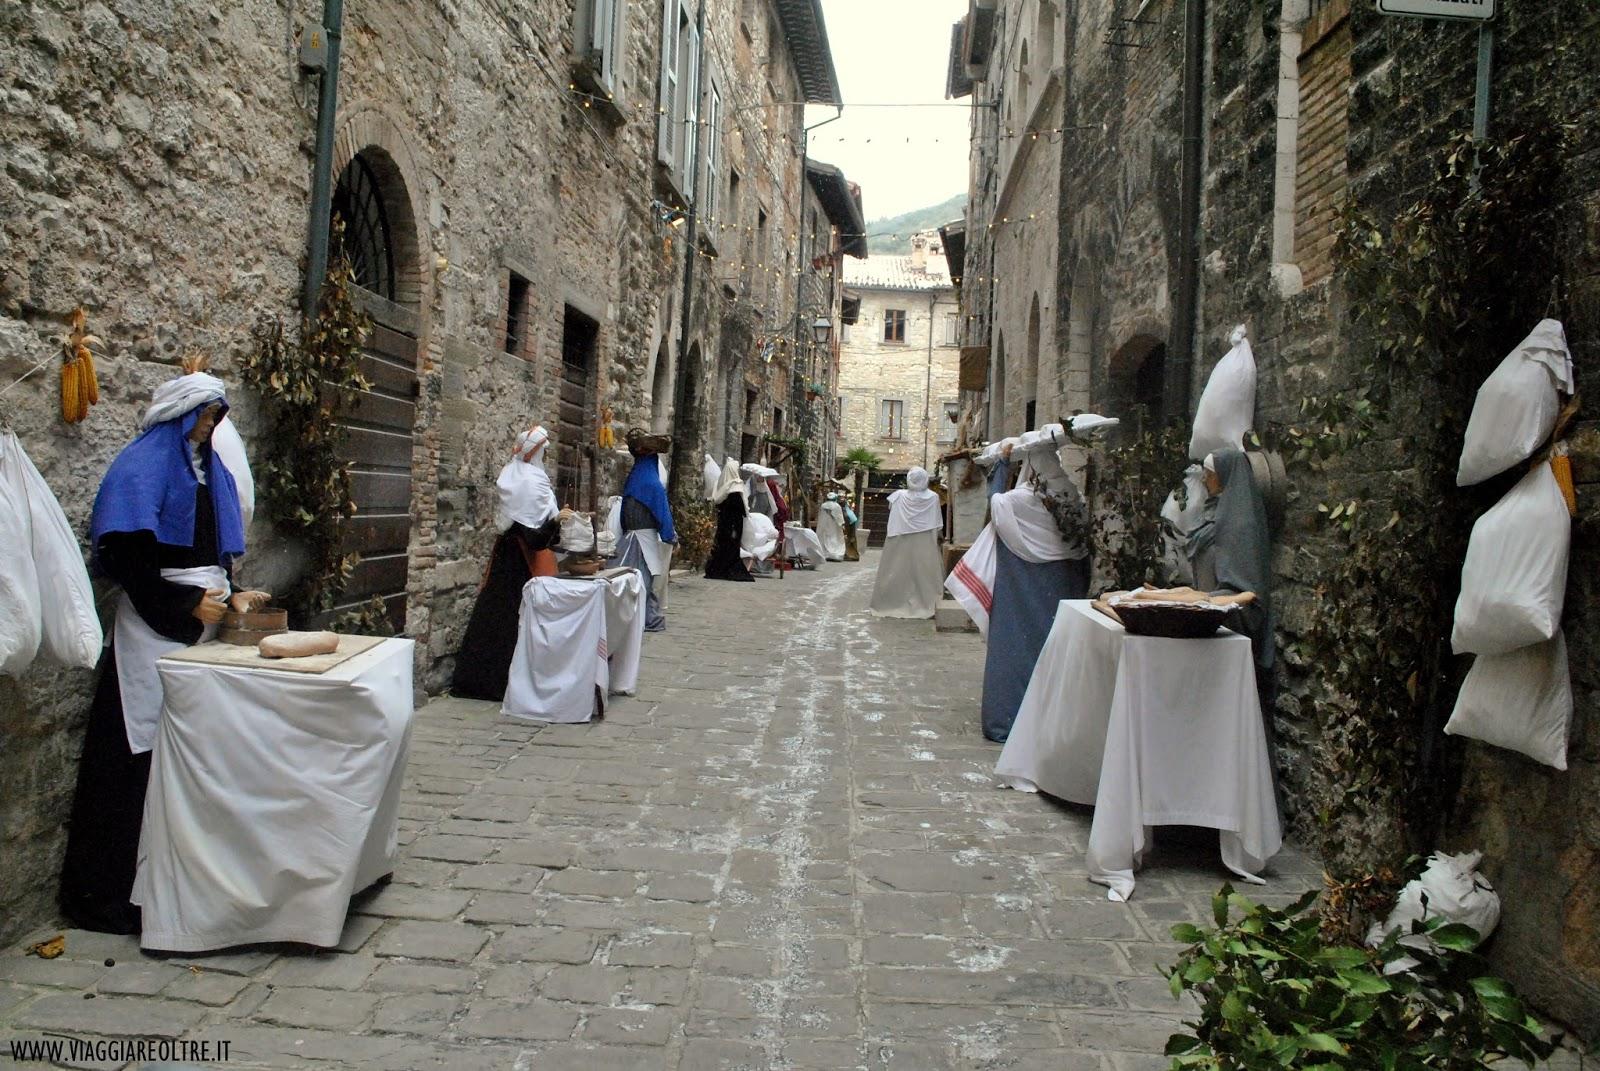 Presepe di San Martino - Gubbio